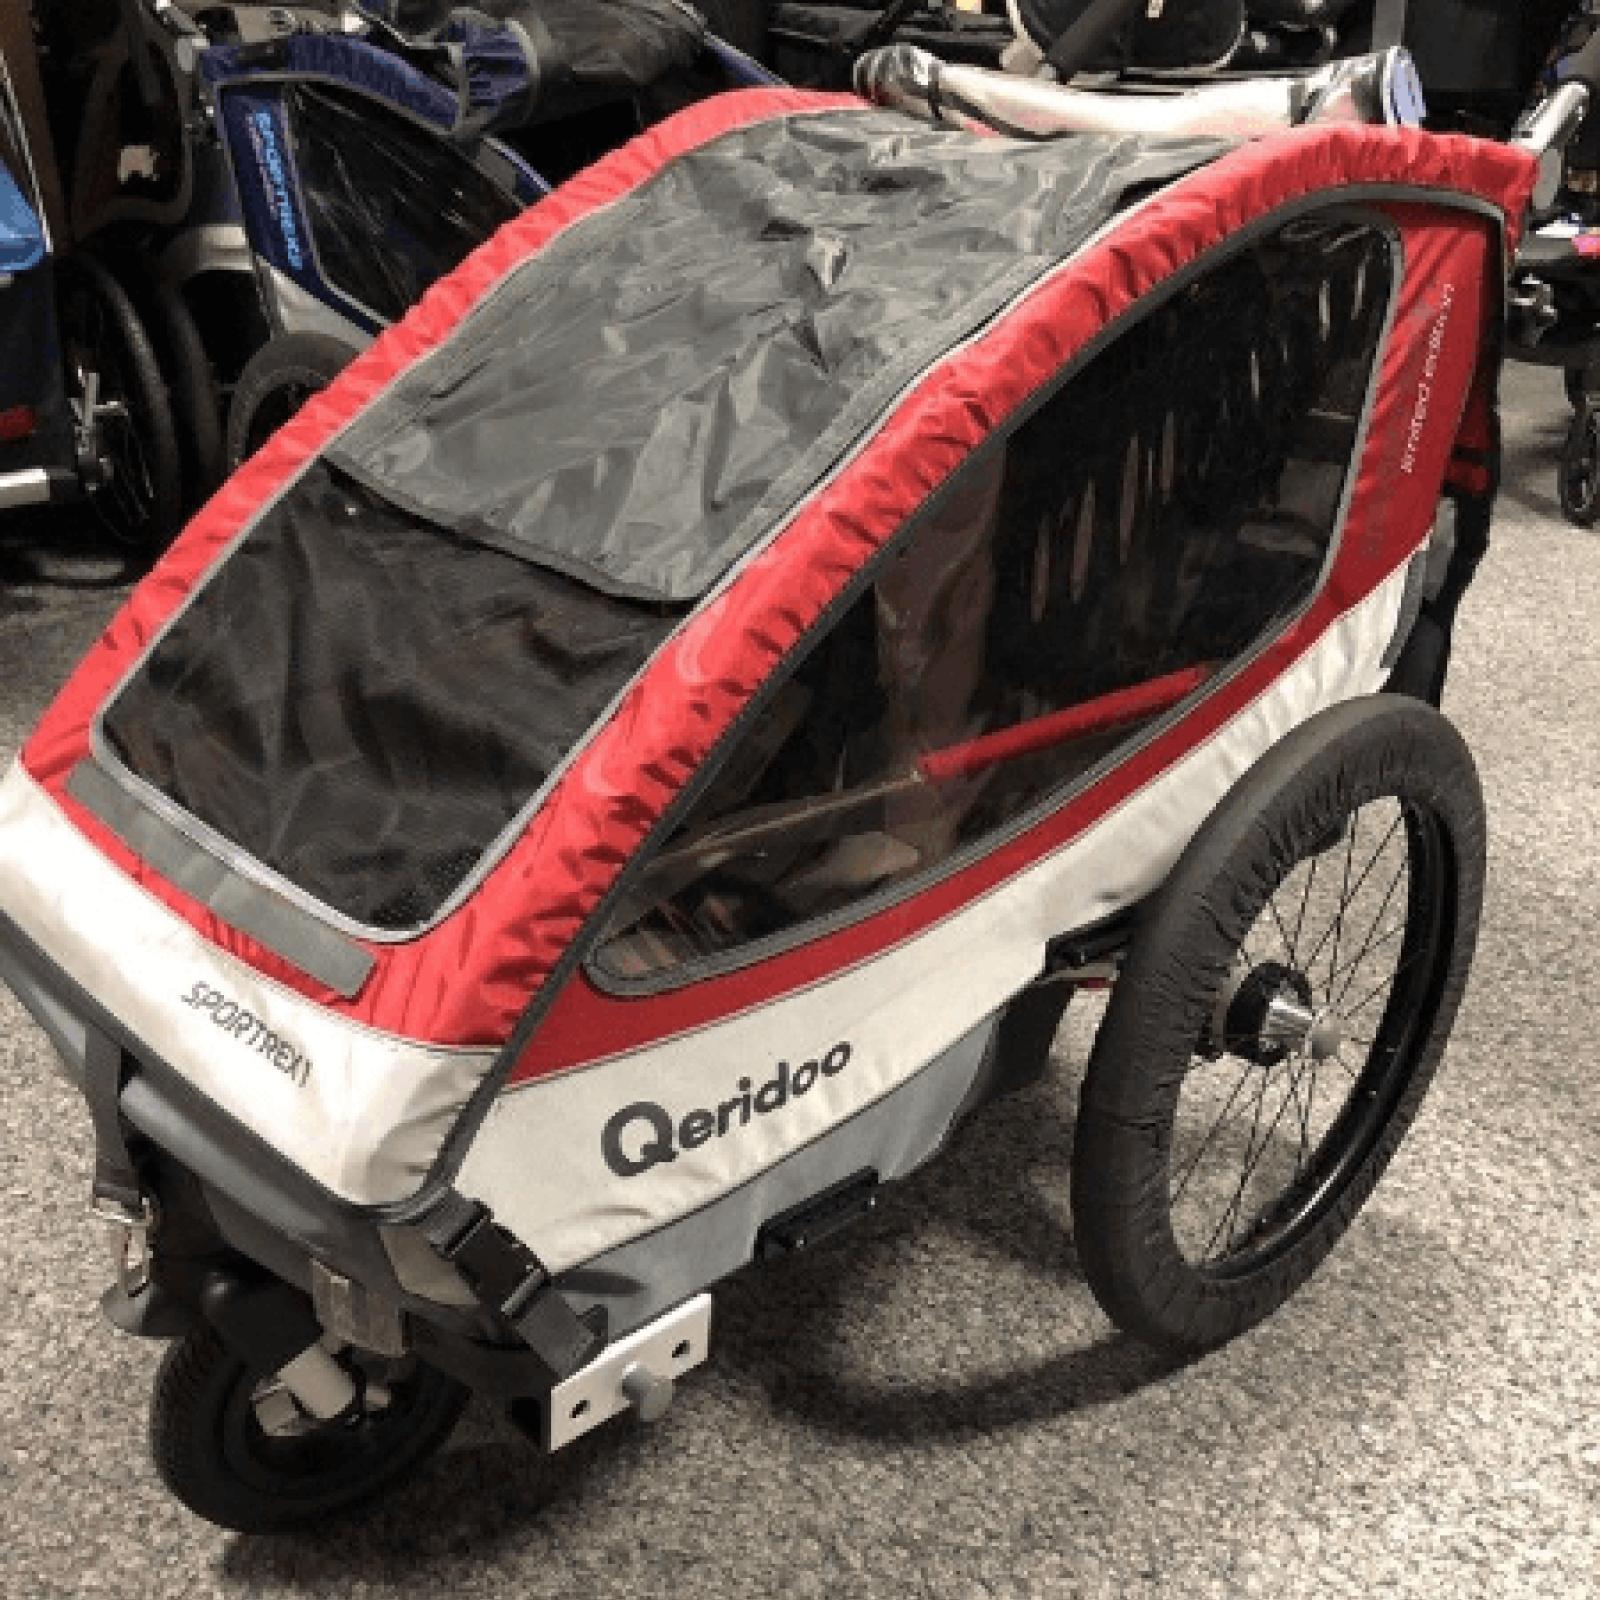 Qeridoo Sportrex1 2018 Red Sportwagen Anhanger Stroller Baby Strollers Baby